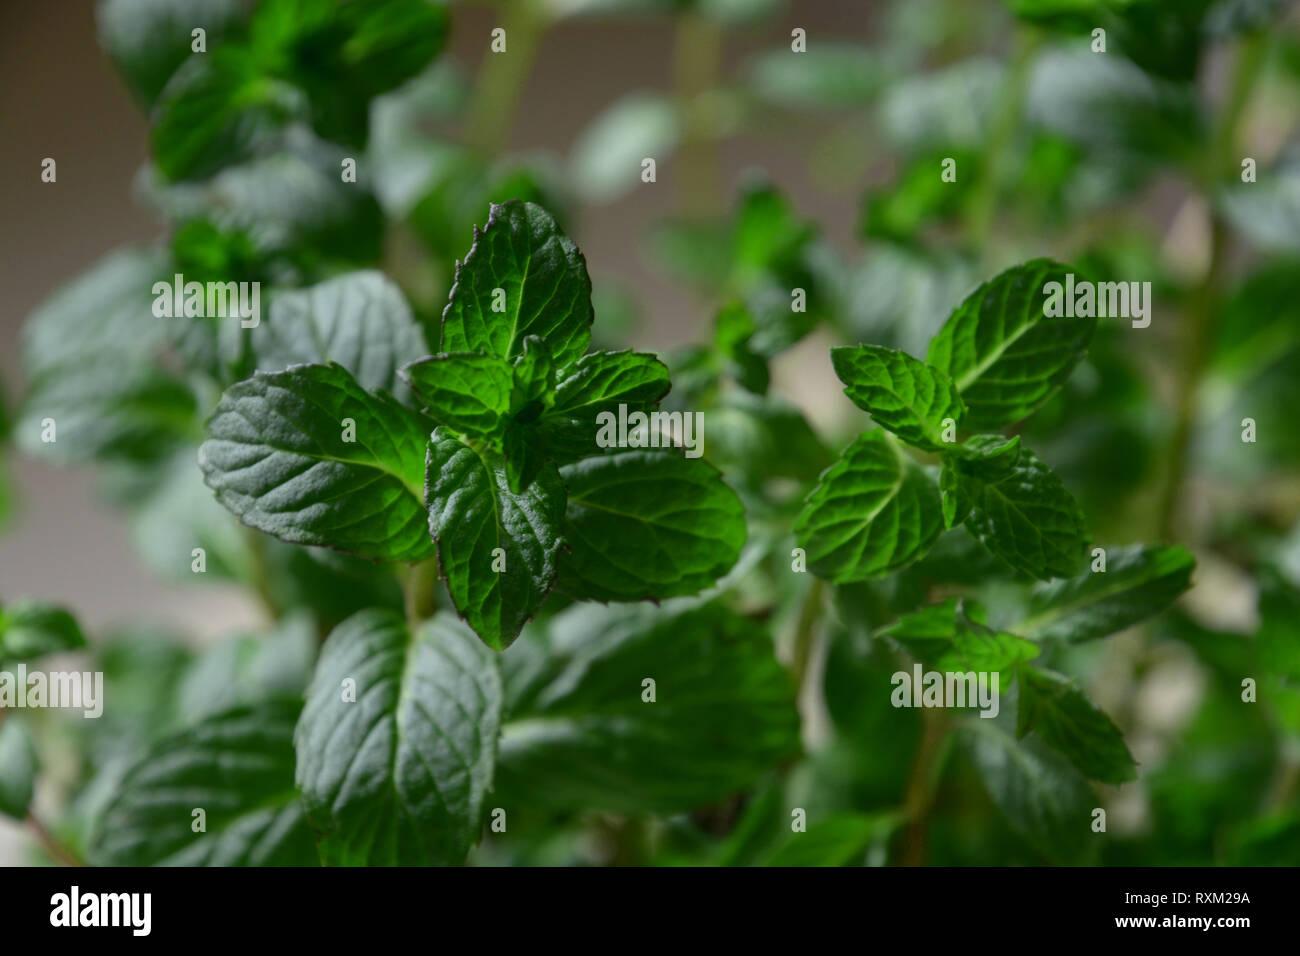 Plant De Menthe En Pot feuilles aromatiques d'un nouveau prêt pour la récolte de